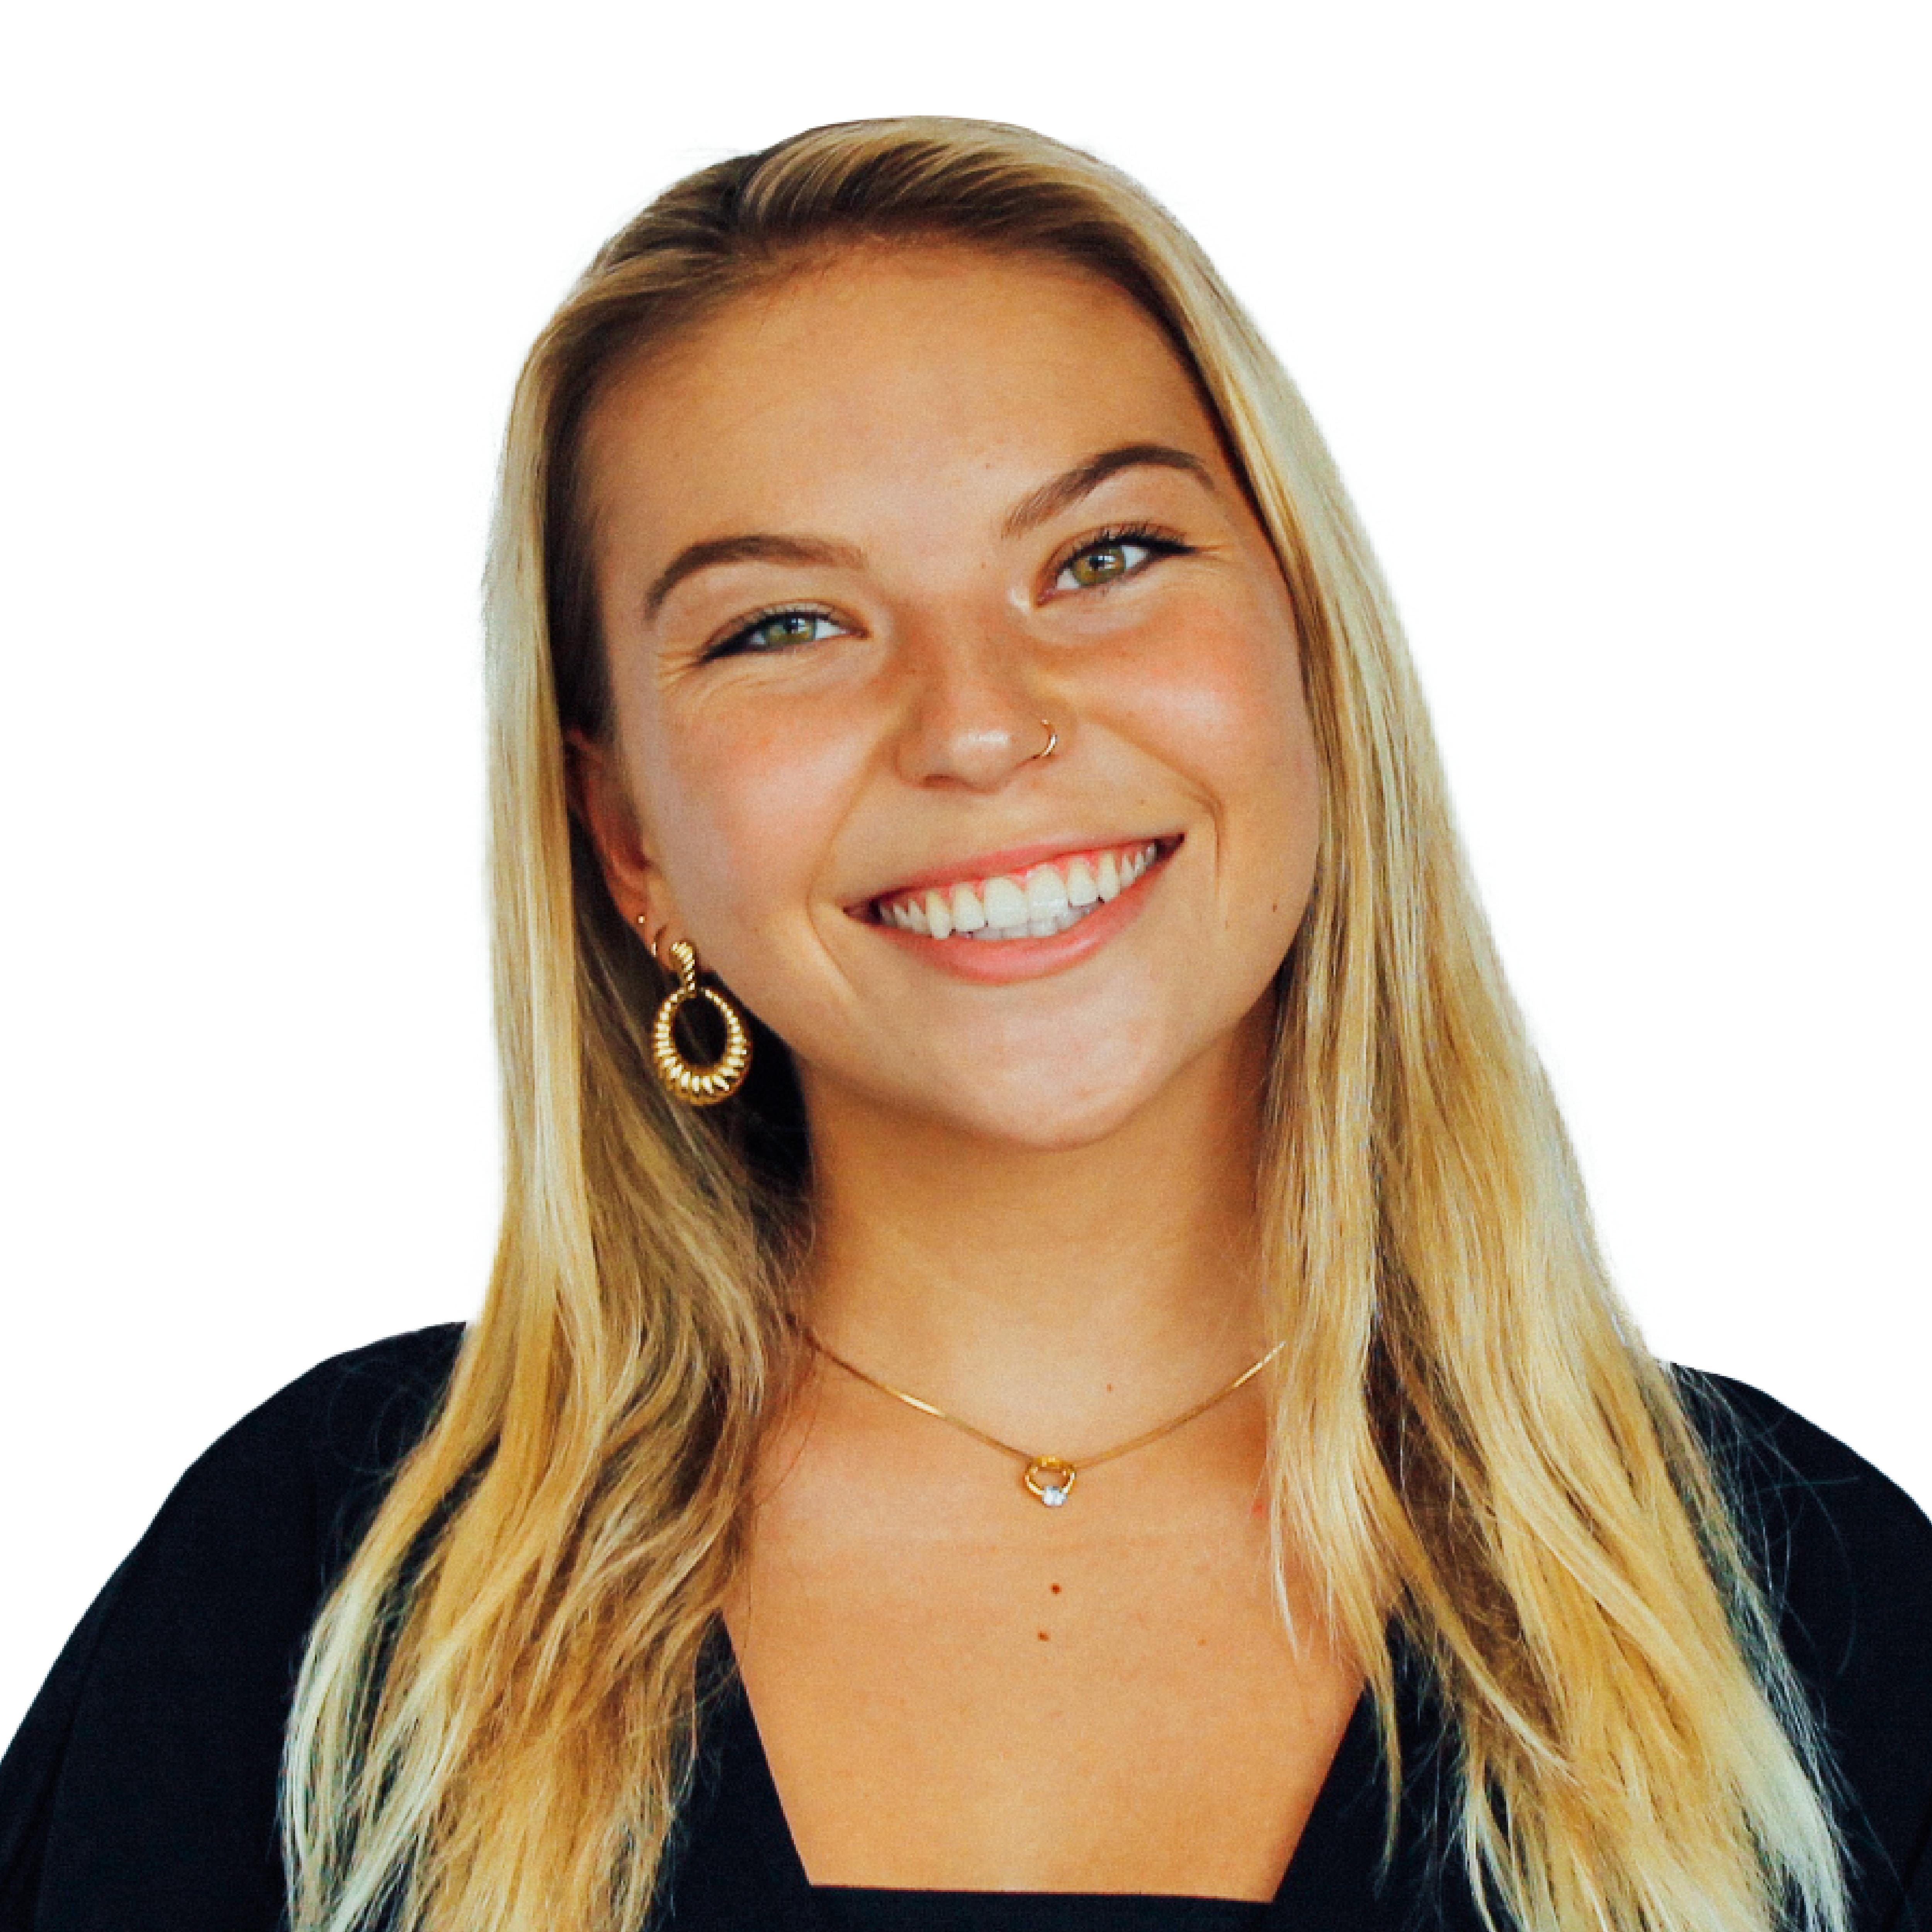 Lexi Matejeck Design & Brand Management Intern